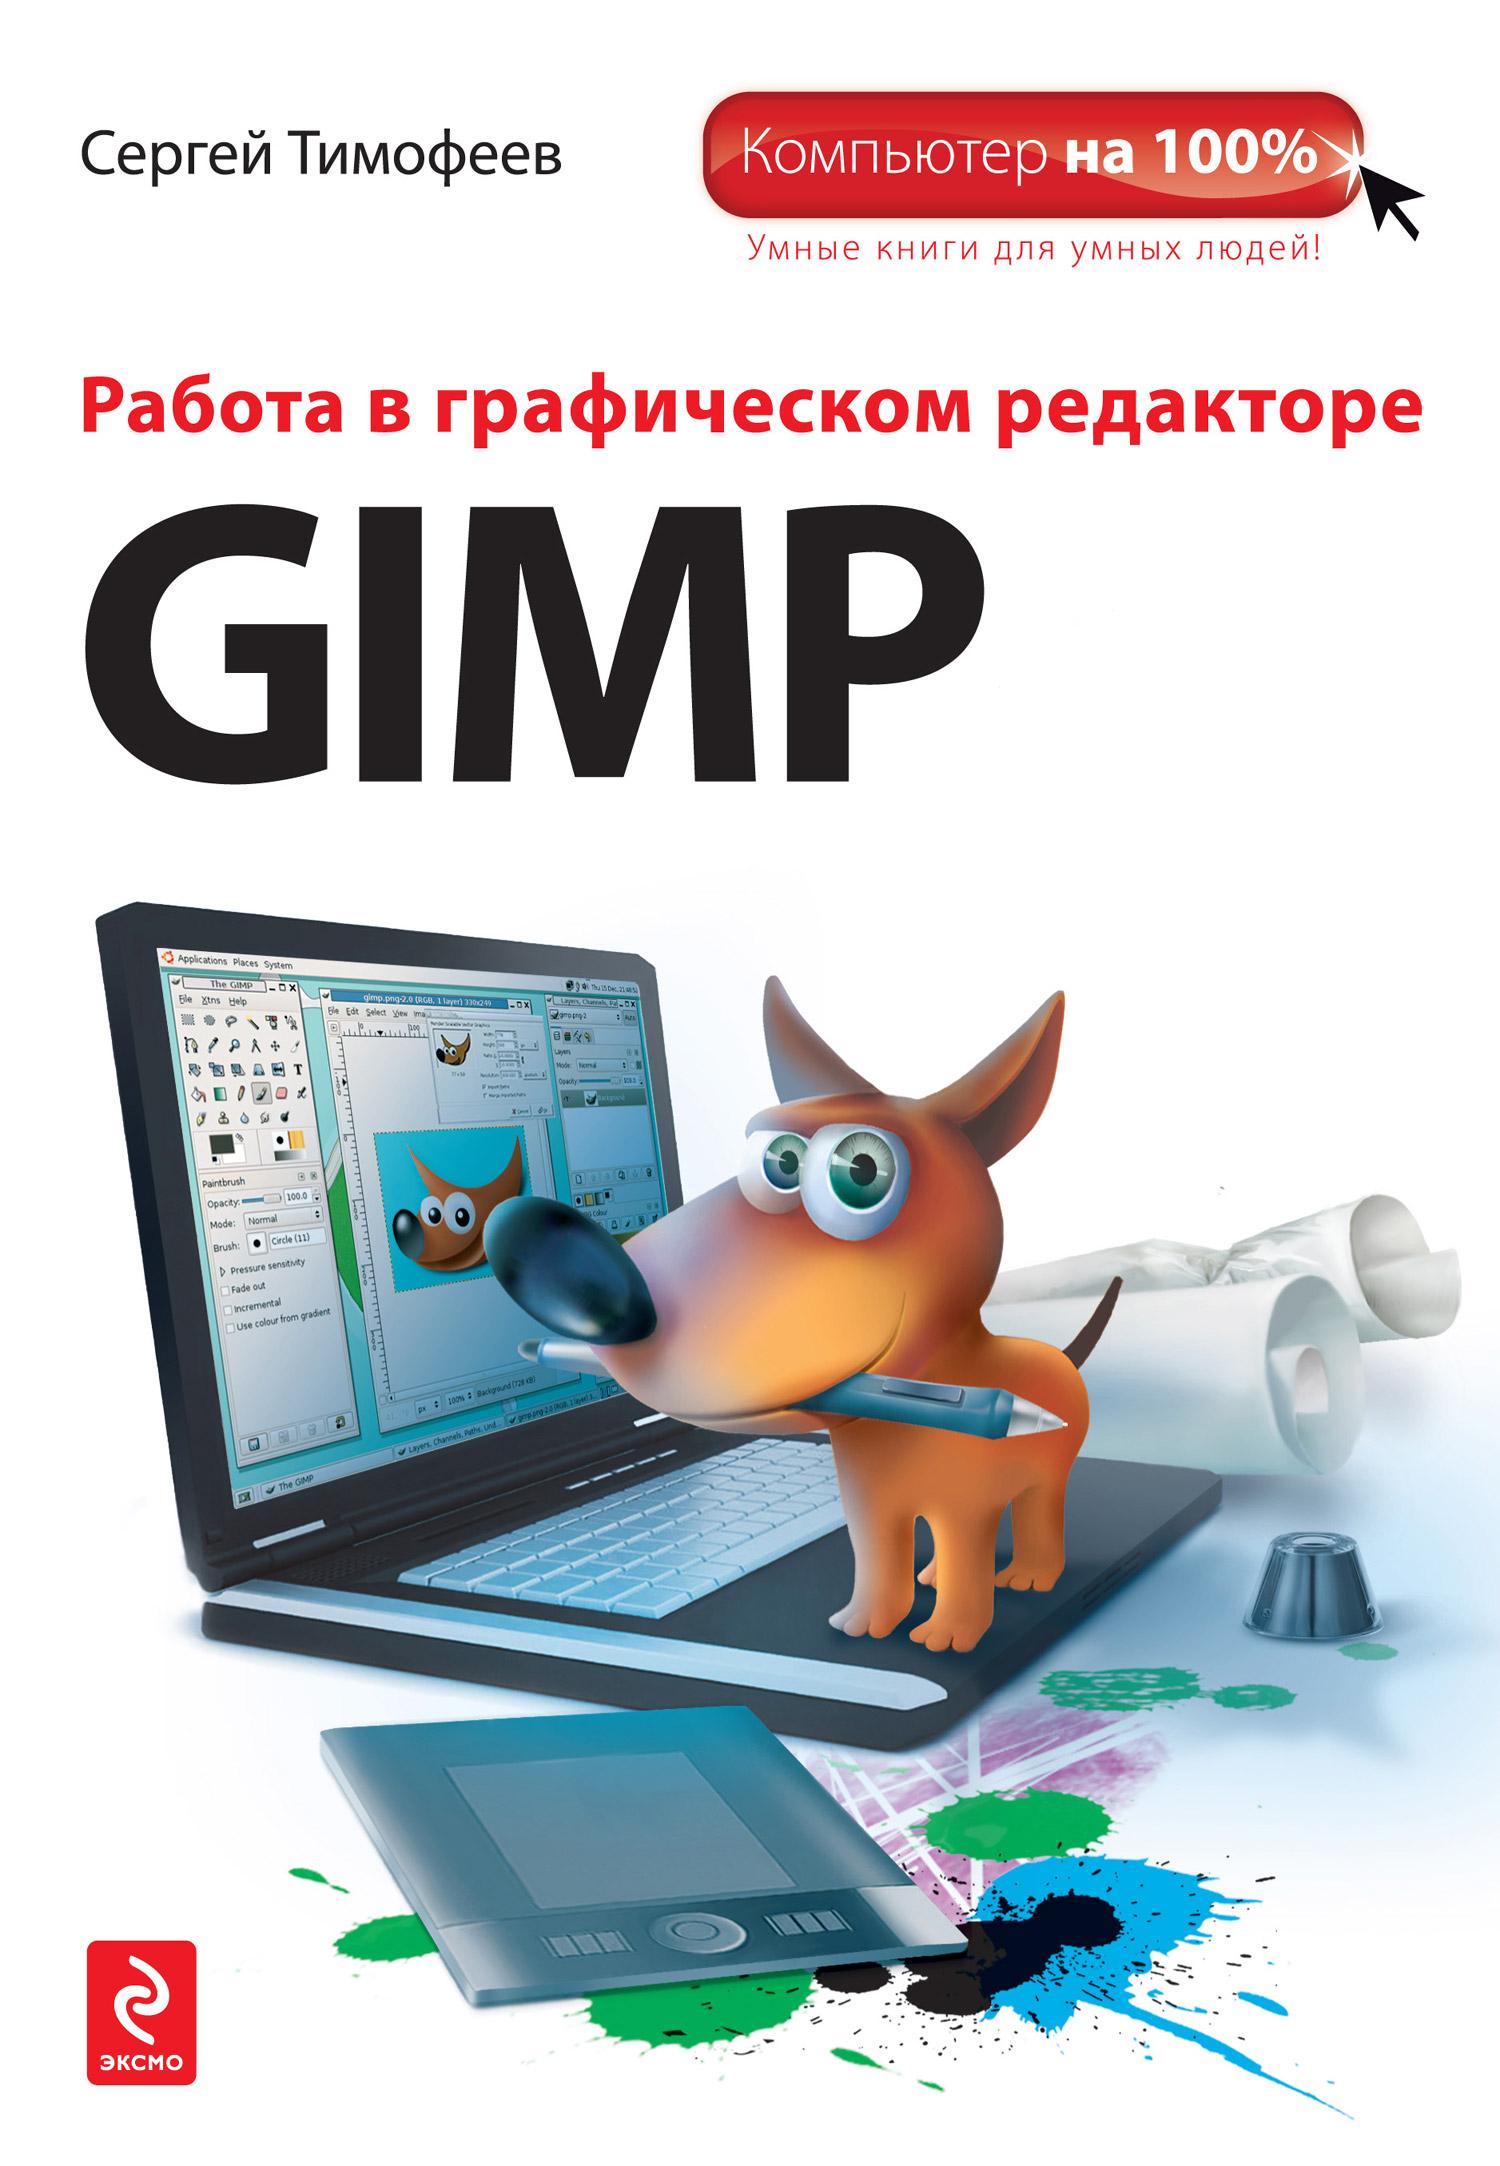 Сергей Тимофеев «Работа в графическом редакторе GIMP»